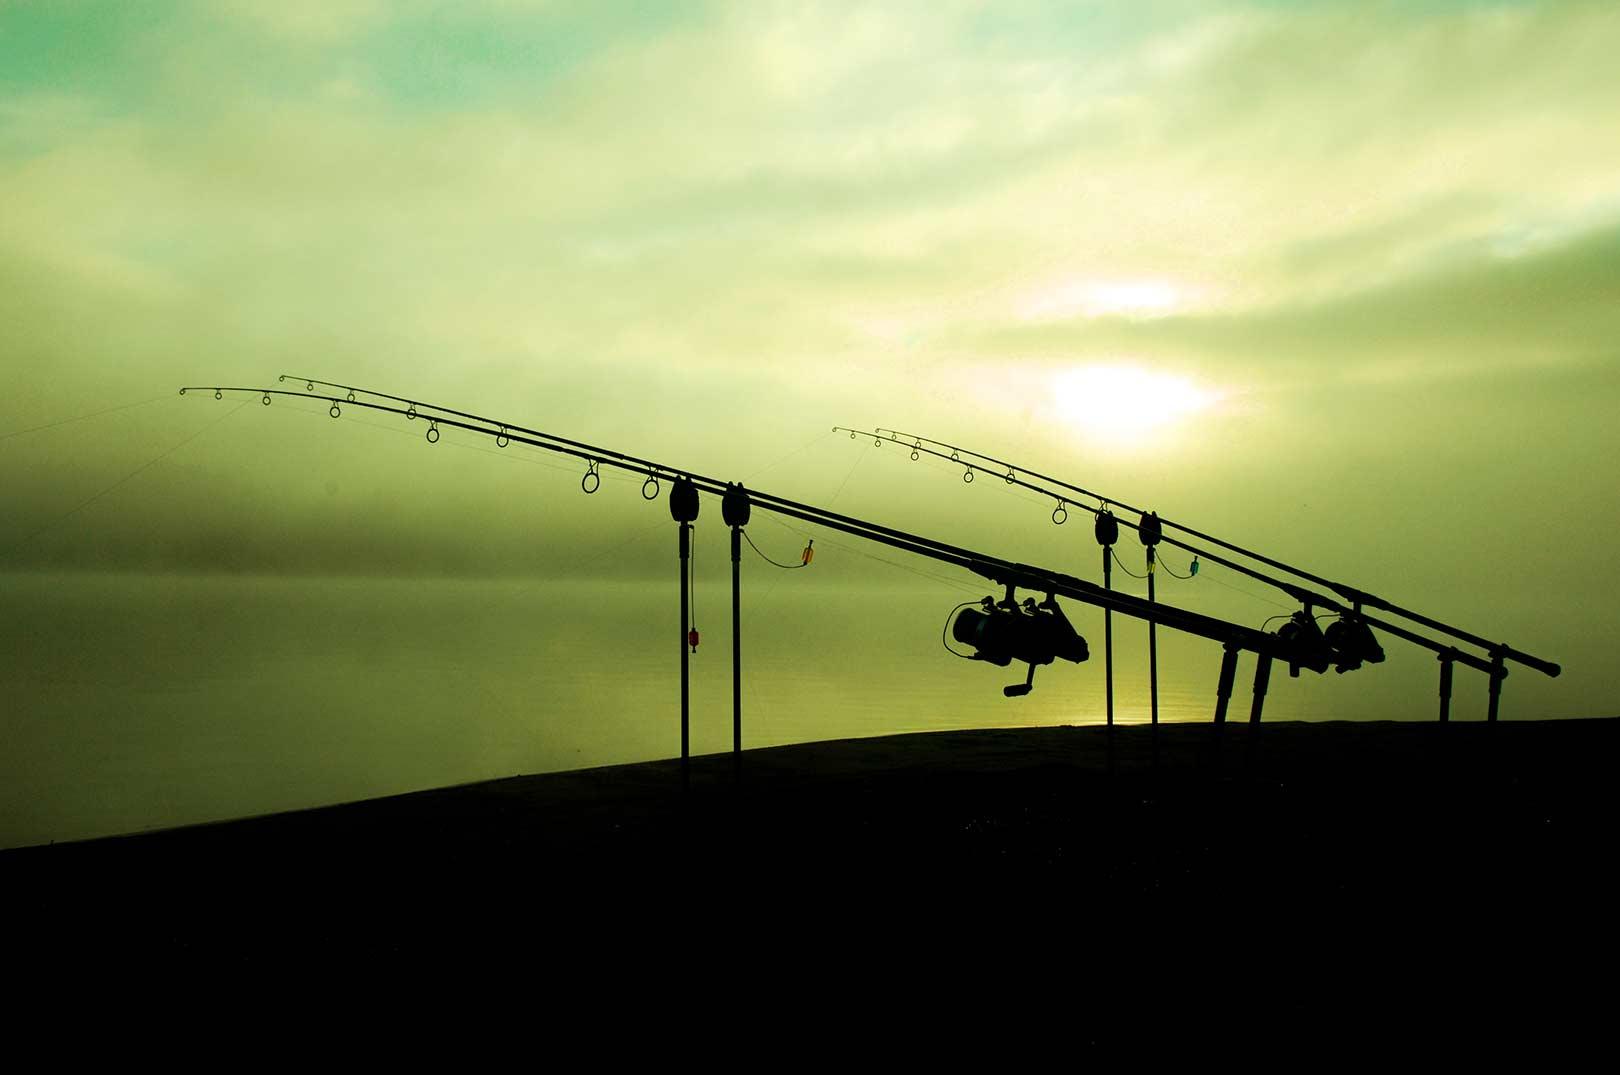 En af de meste fantastiske ting ved karpefiskeriet er de skønne naturoplevelser man får ved at tilbringe flere døgn ved vandet, hvor man oplever dagnes skifte til nat og omvendt.